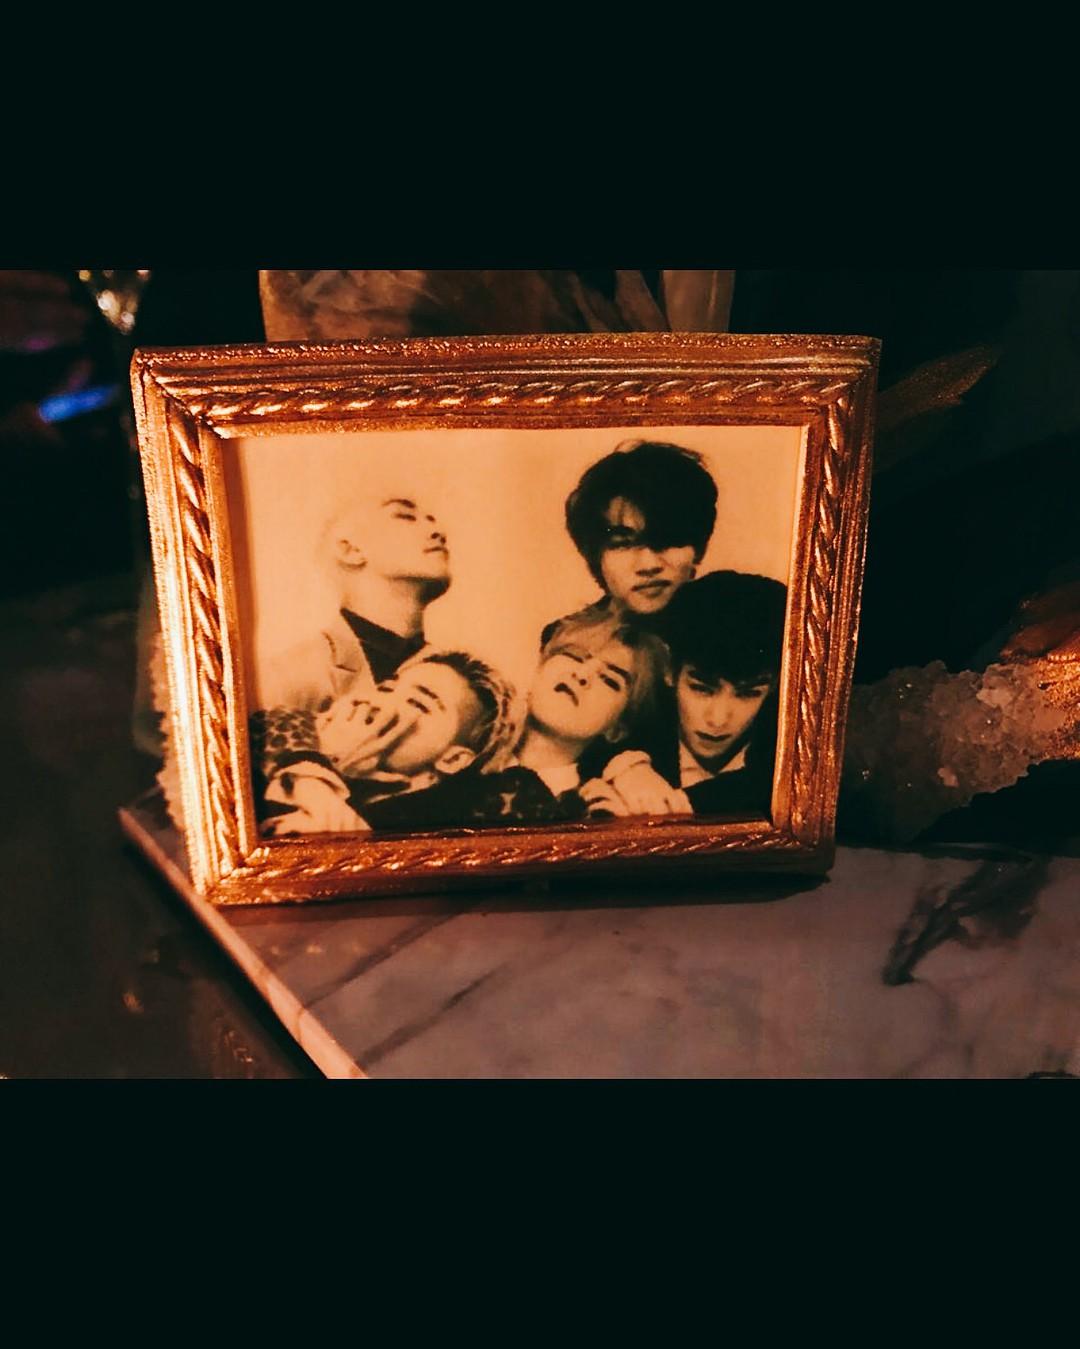 Phát khóc trước bức ảnh hiếm hoi: 5 thành viên Big Bang tụ họp như một gia đình trước ngày G-Dragon nhập ngũ - Ảnh 2.